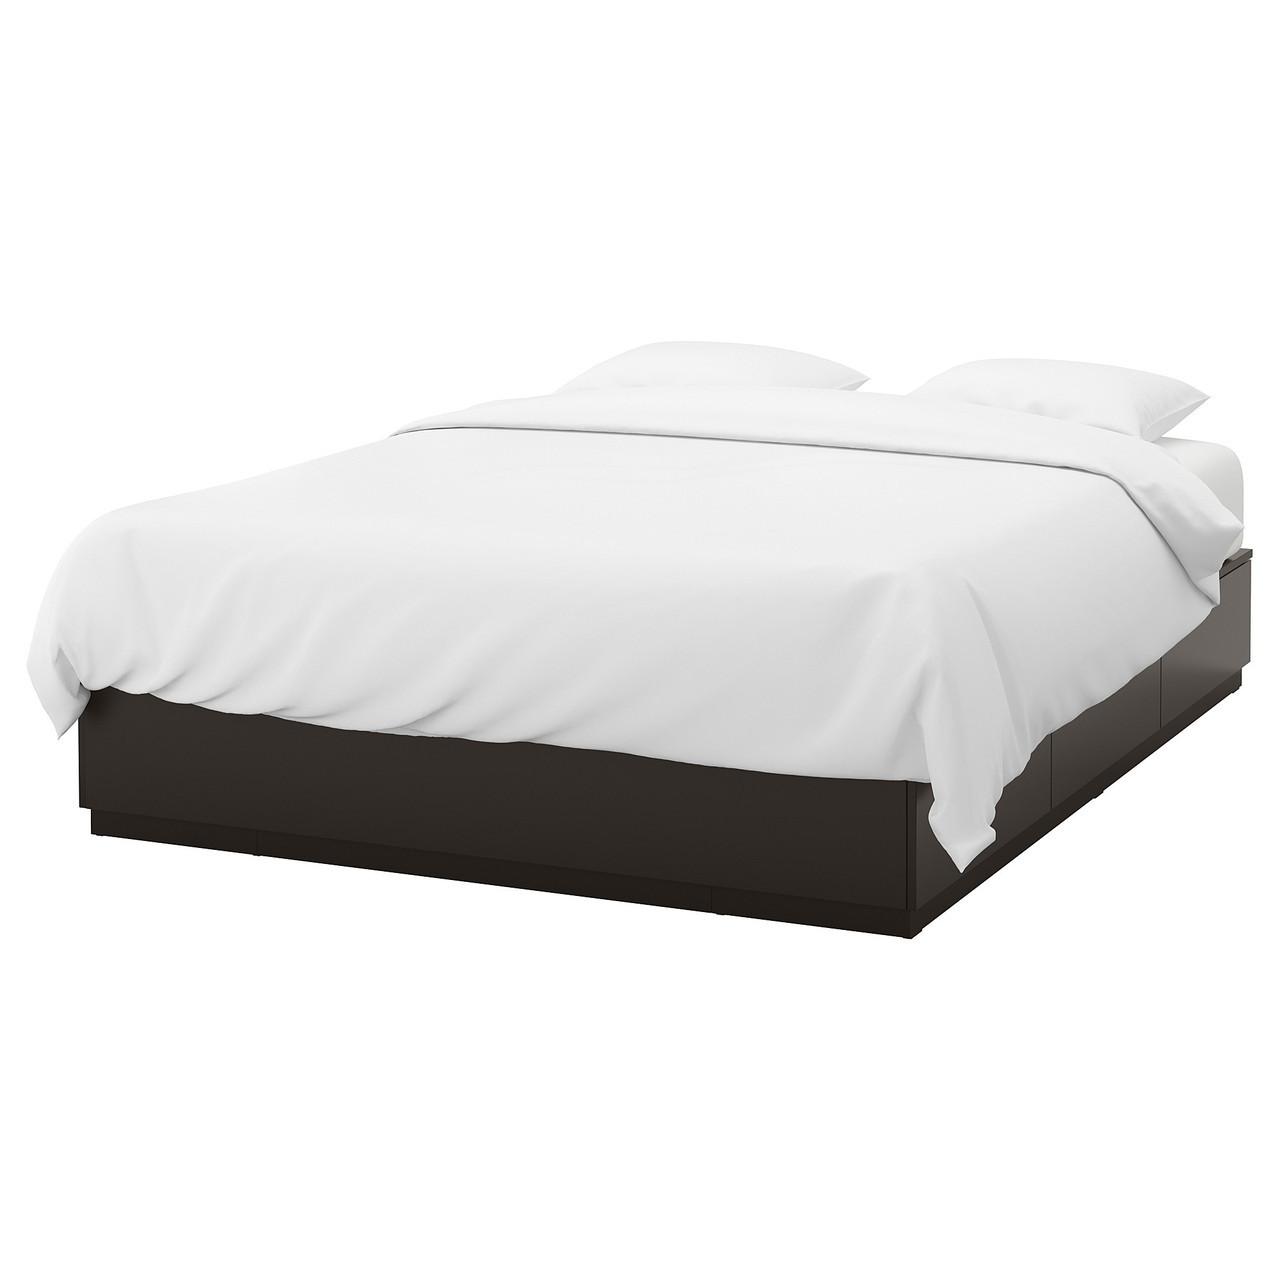 Купить IKEA NORDLI (903.727.79) Кровать с ящиками, антрацит